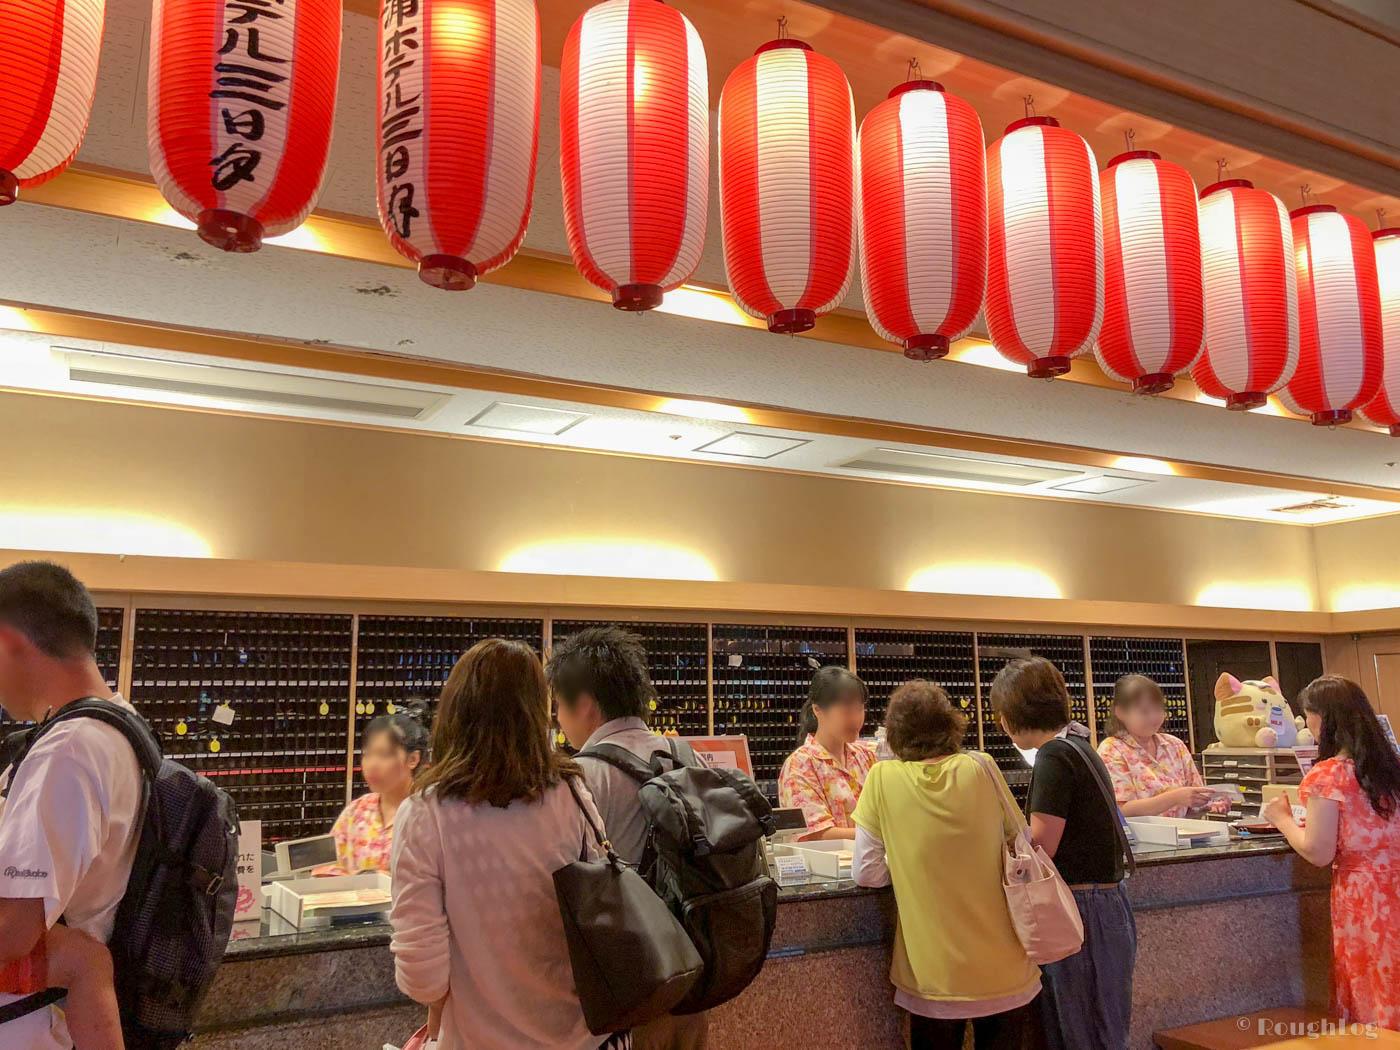 龍宮城スパホテル三日月のフロントは夏休み期間中で大混雑